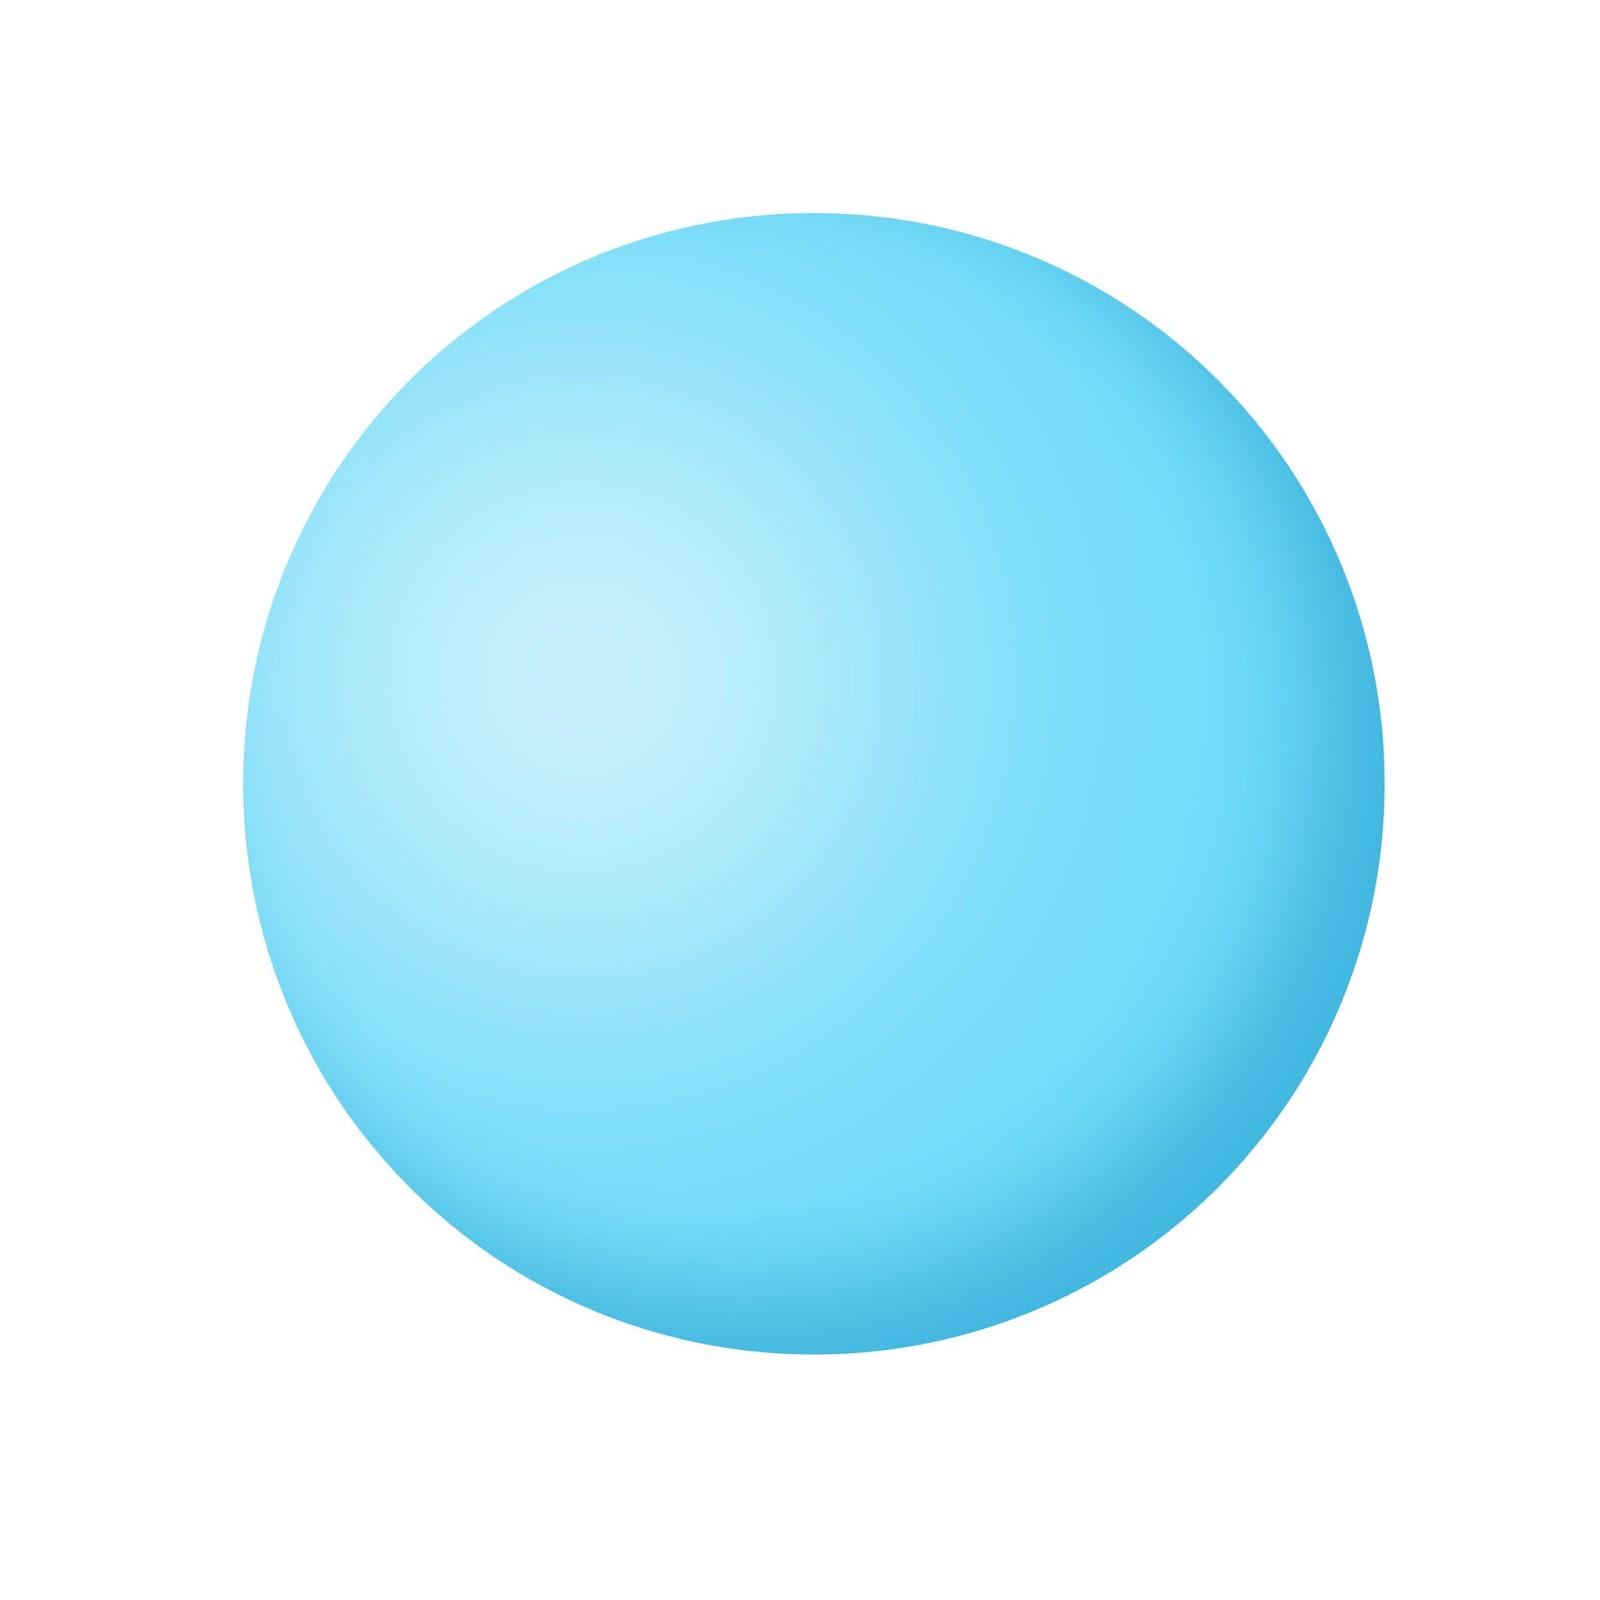 Free Clip art of Bubble Clipart #3225 Best Bubble Clipart #3225.